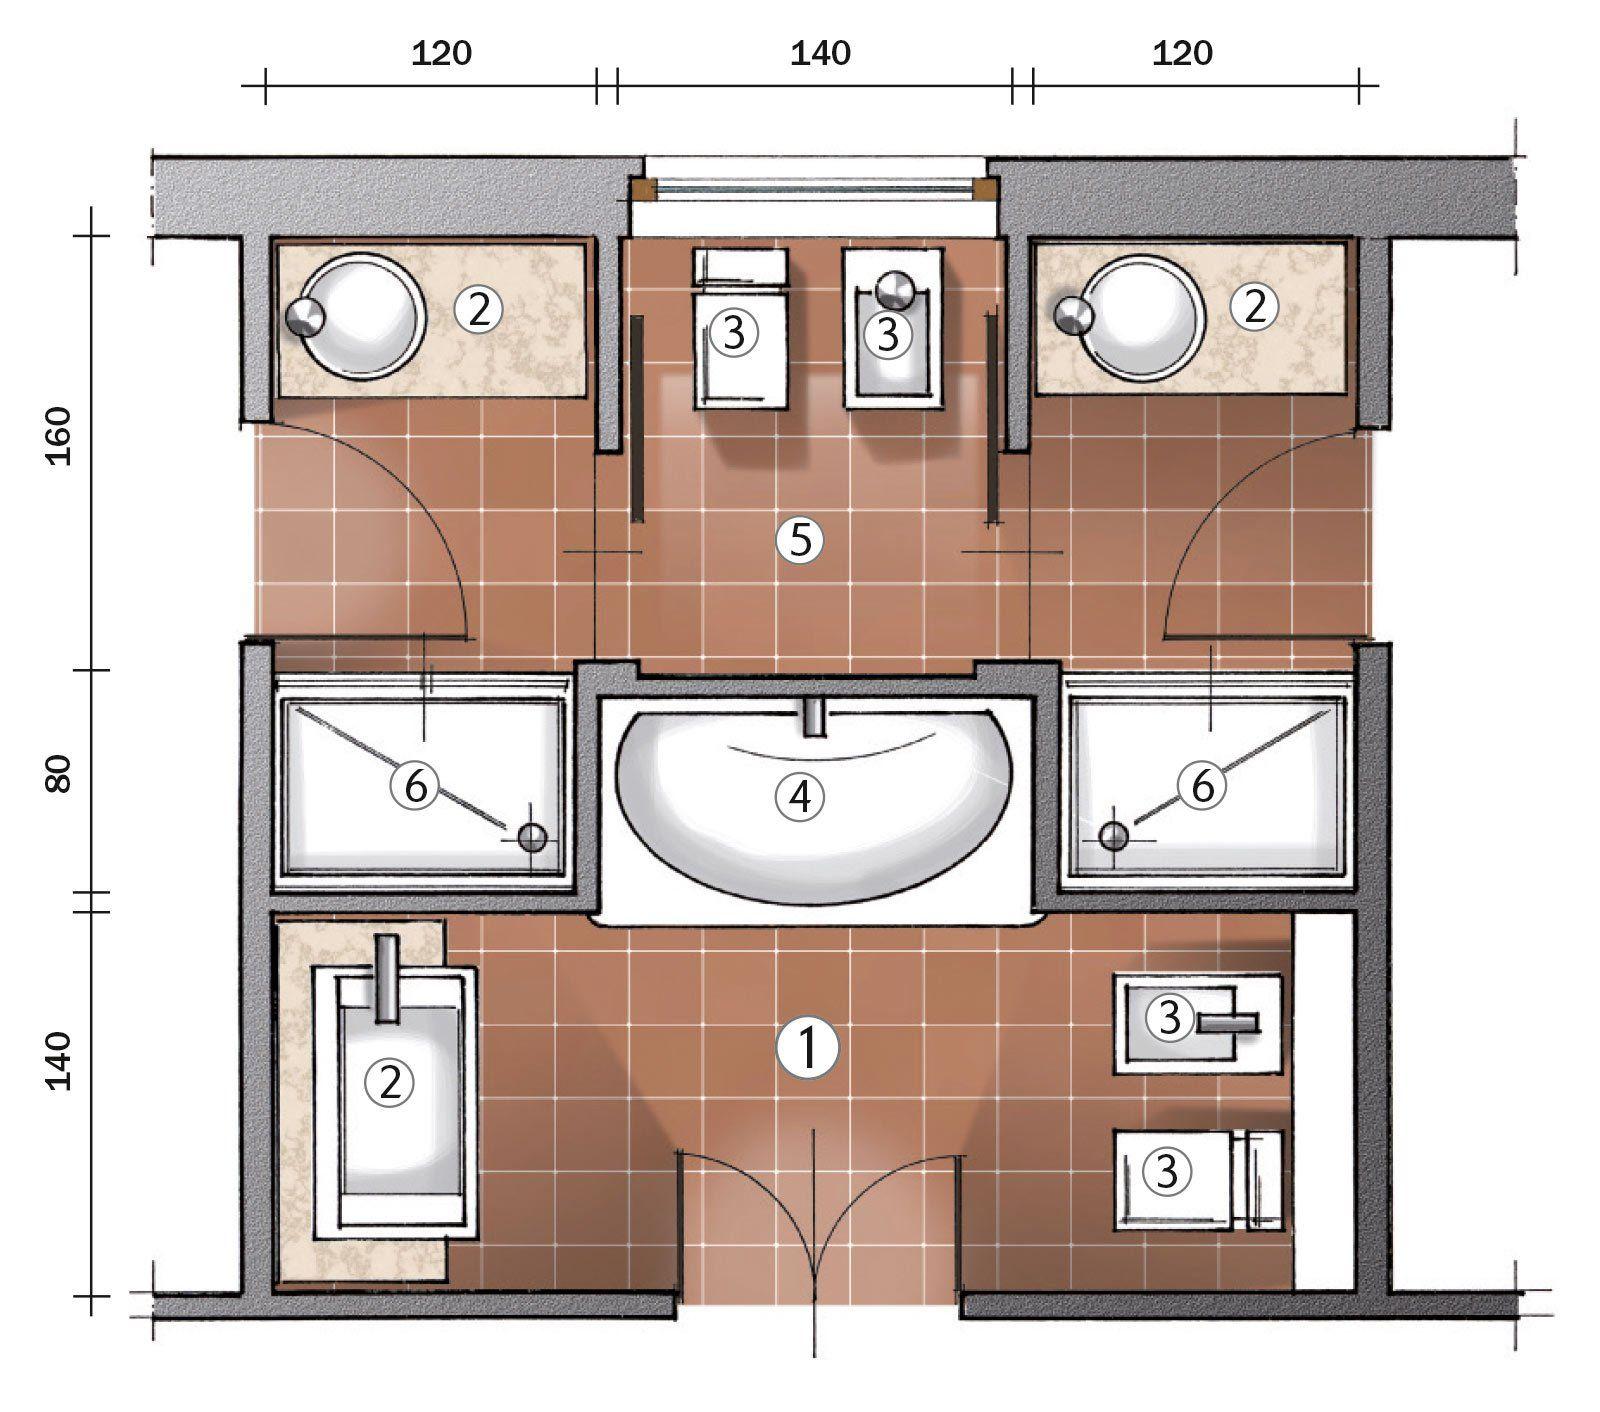 Progetto Bagno 3 Mq ricavare due bagni da uno (con immagini) | bagno rimodellare